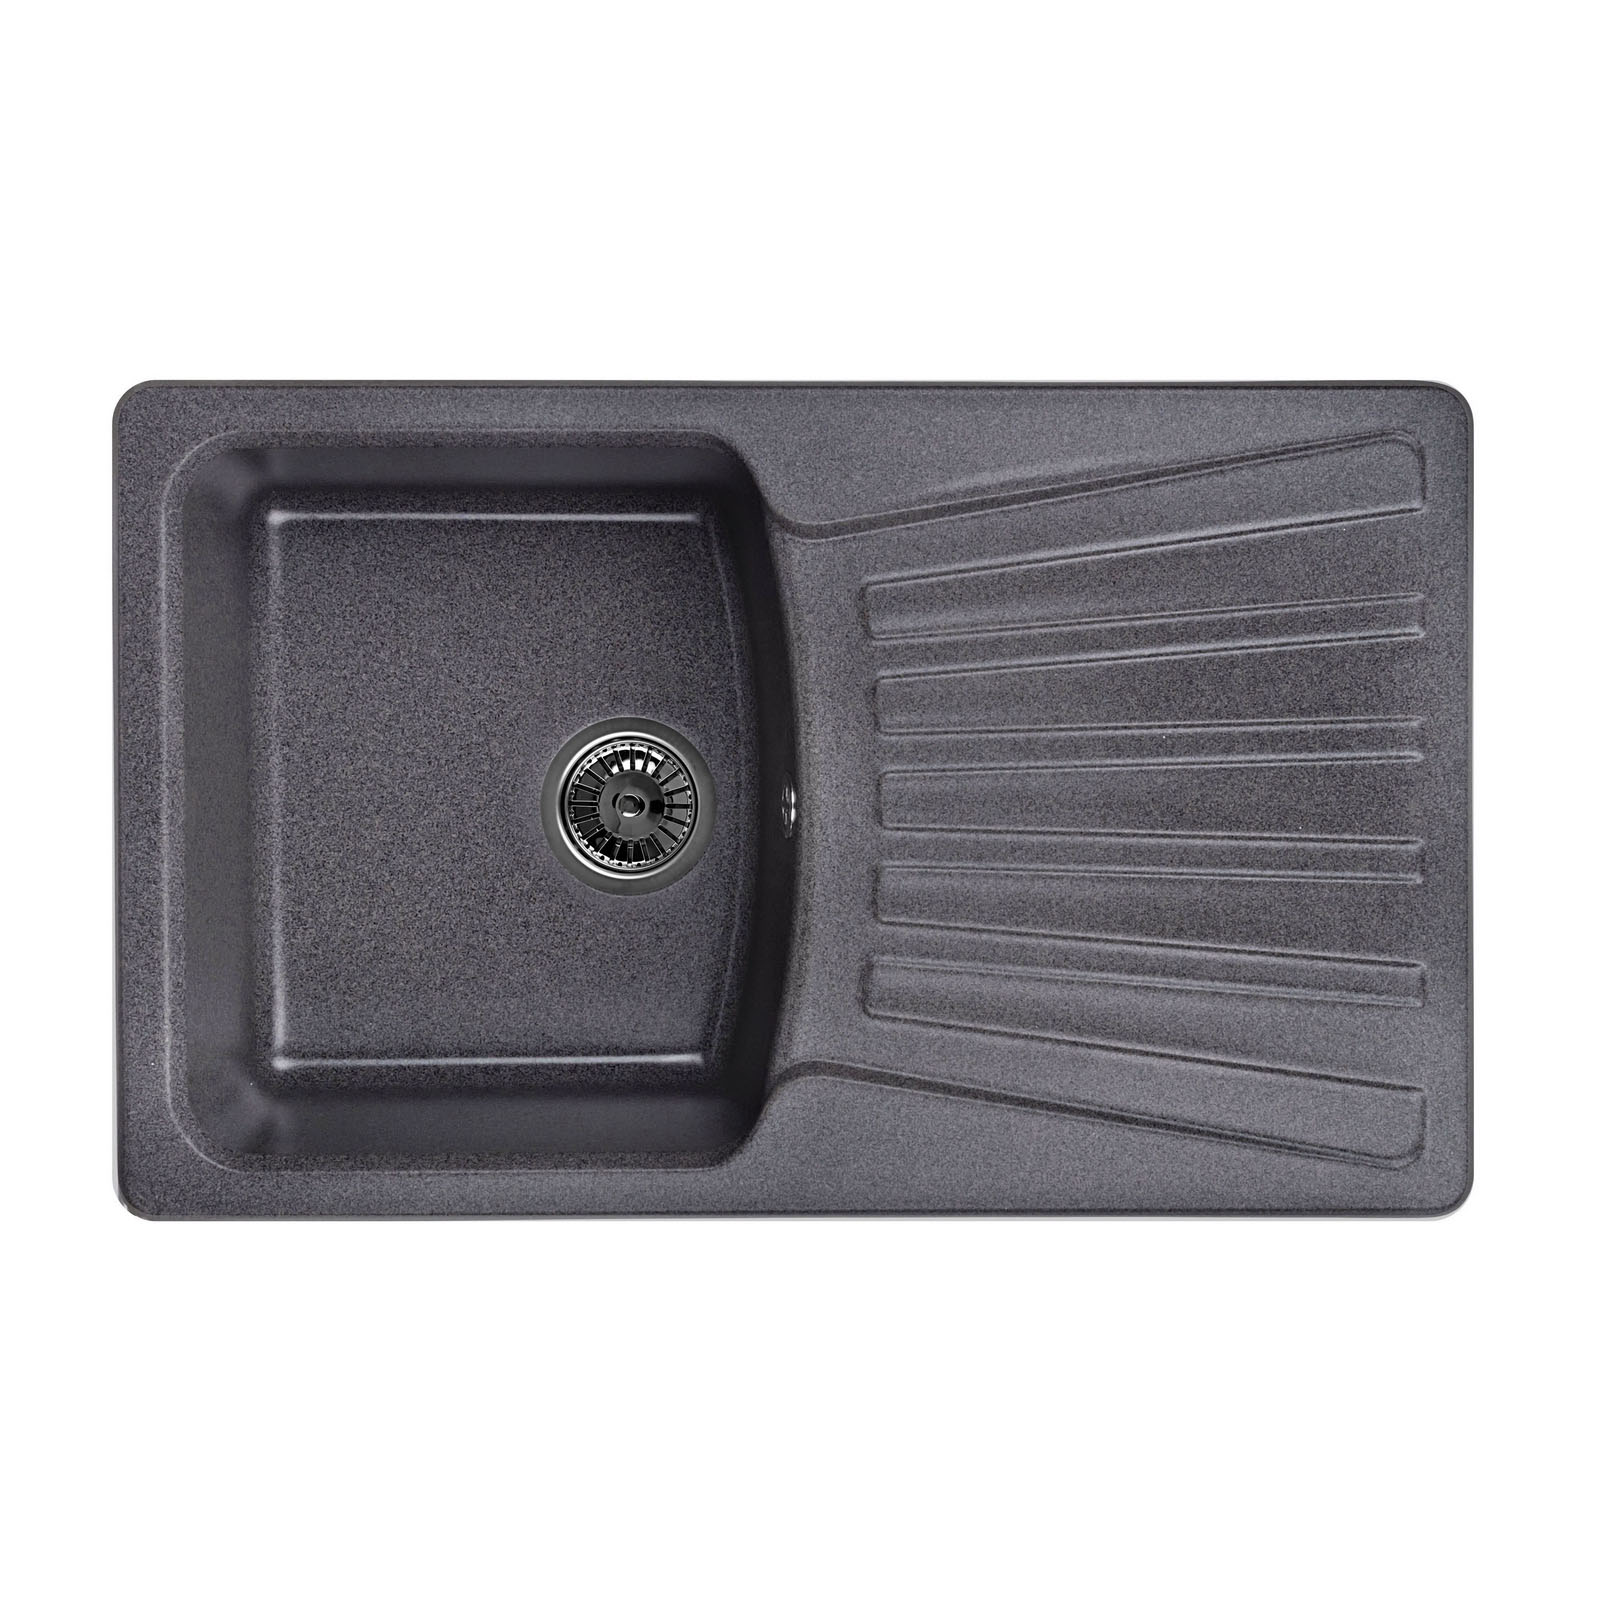 Кухонная мойка Granula GR-8001 790х500 графит кухонная мойка granula gr 8001 790х500 брют